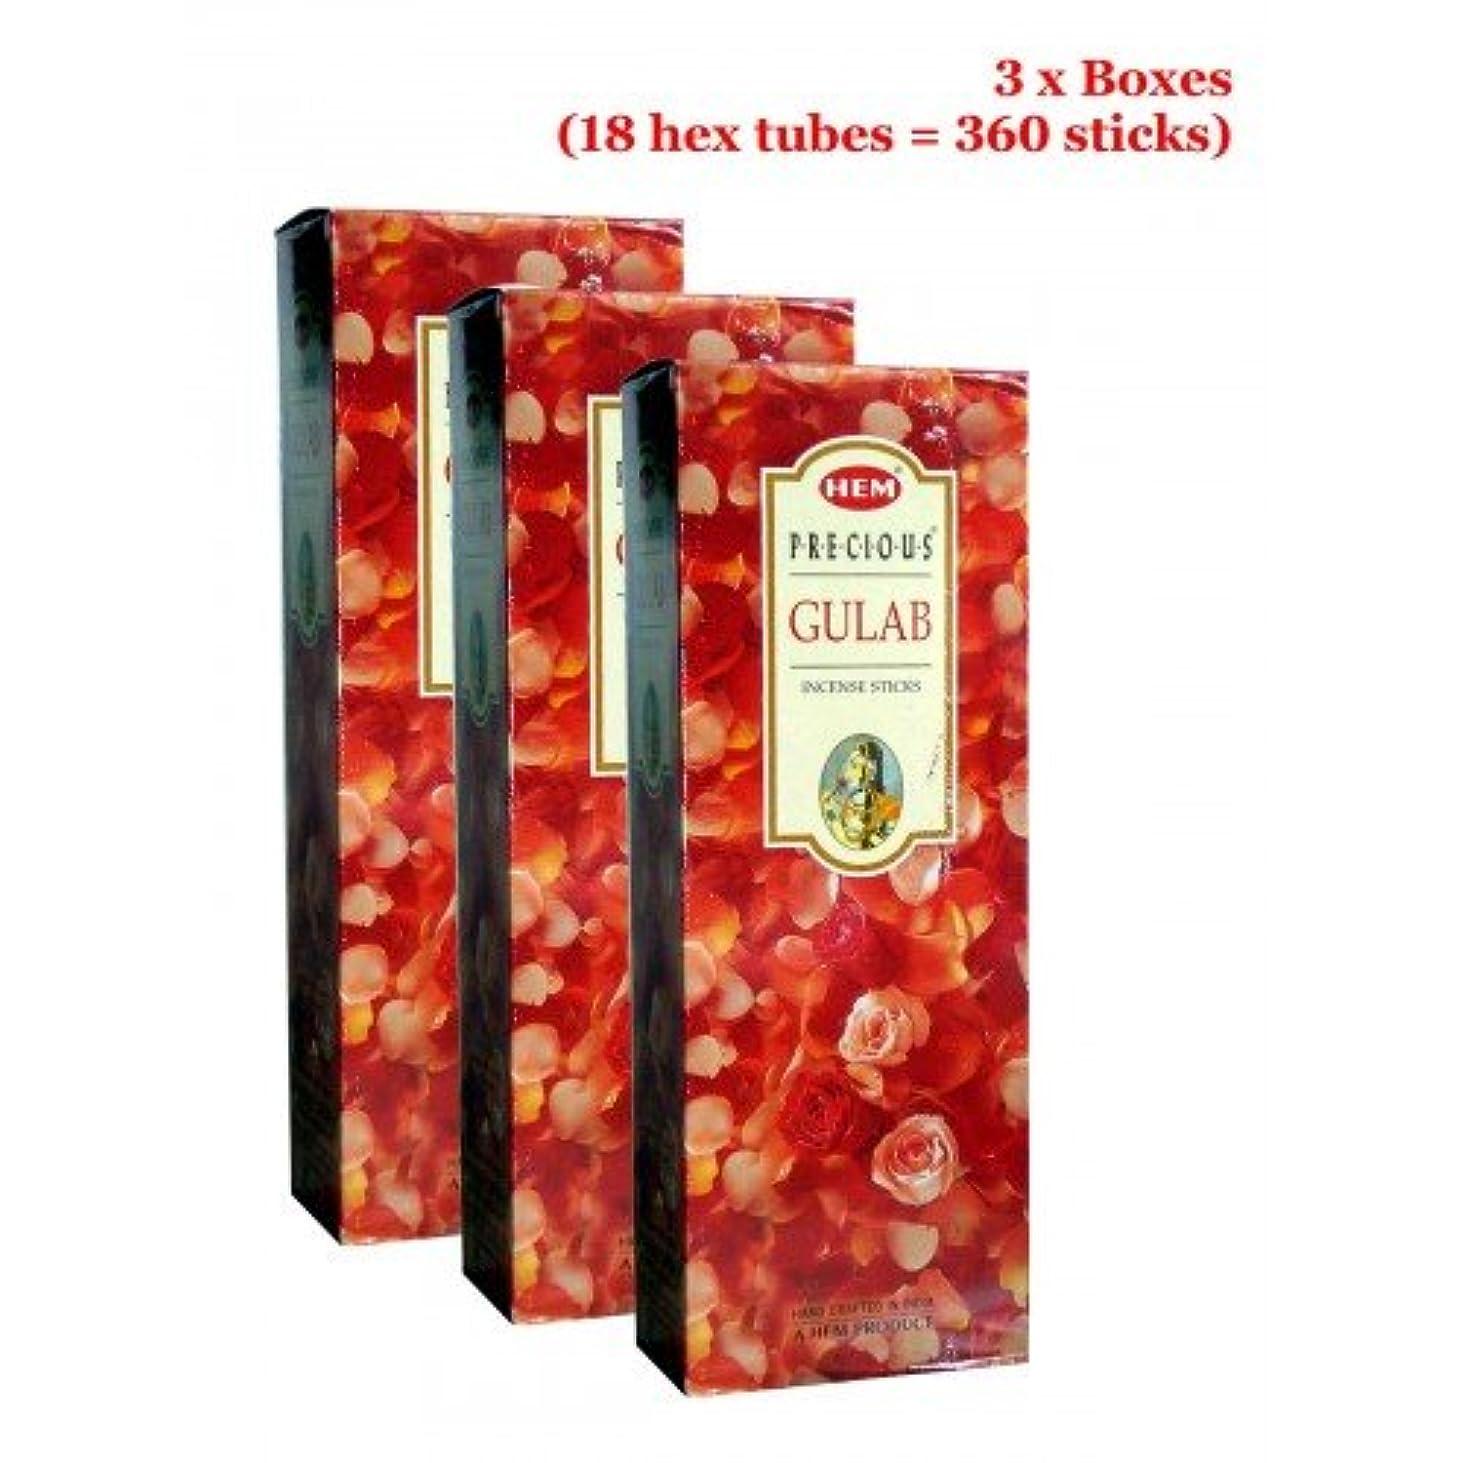 キャンドル置換つかいますHem Precious Gulab (ローズ) Incense、3ボックス – ( 360 Sticksバルクper order )